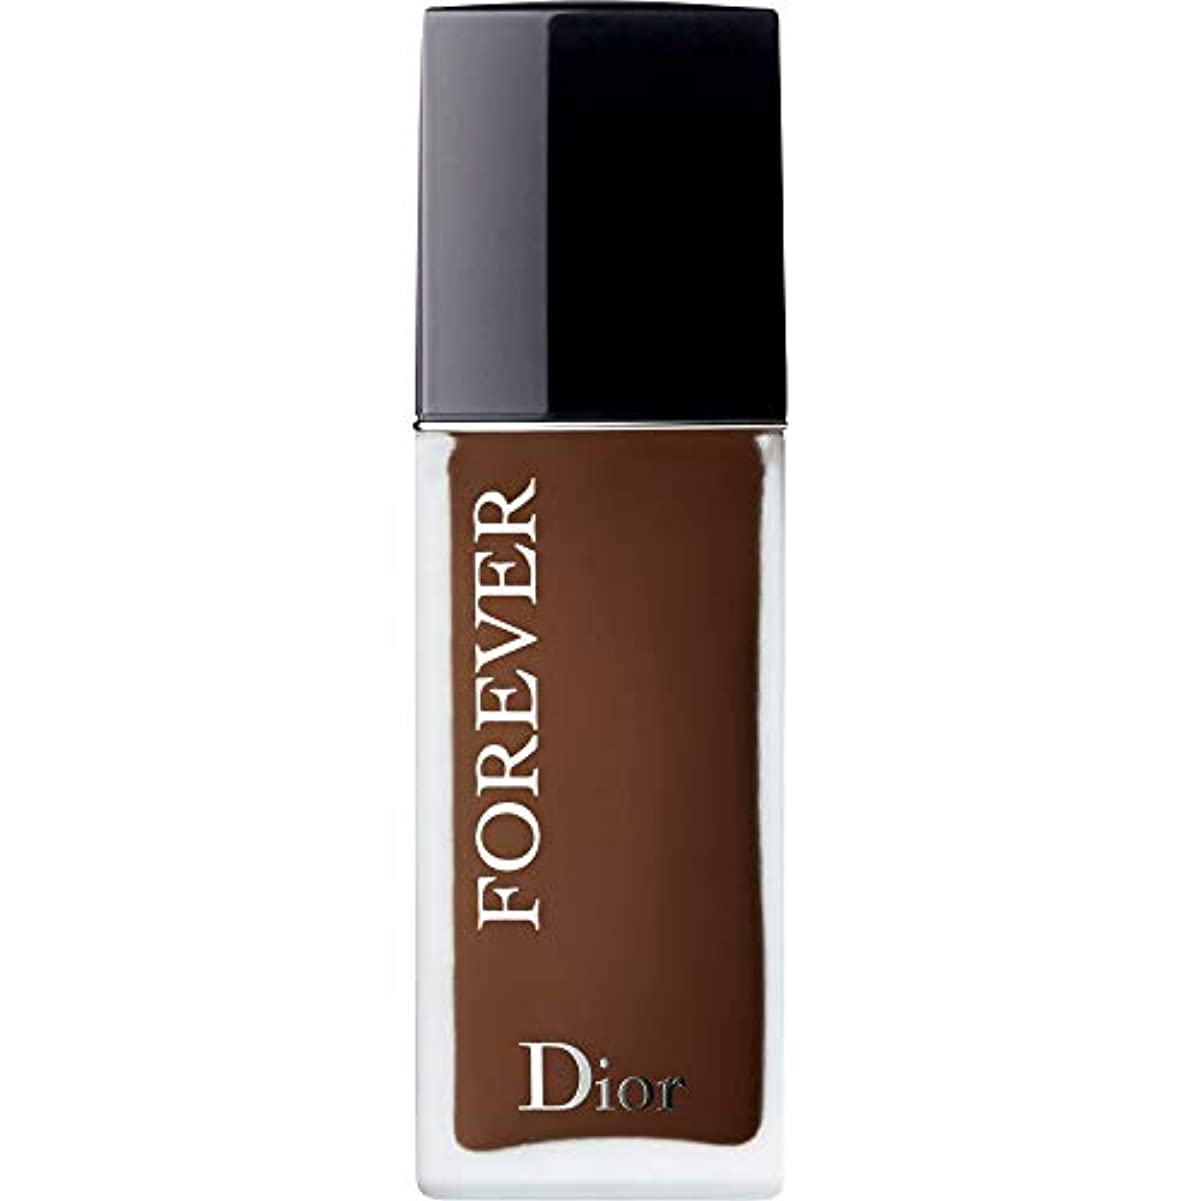 ラップライター合理化[Dior ] ディオール永遠皮膚思いやりの基盤Spf35 30ミリリットルの9N - ニュートラル(つや消し) - DIOR Forever Skin-Caring Foundation SPF35 30ml 9N -...